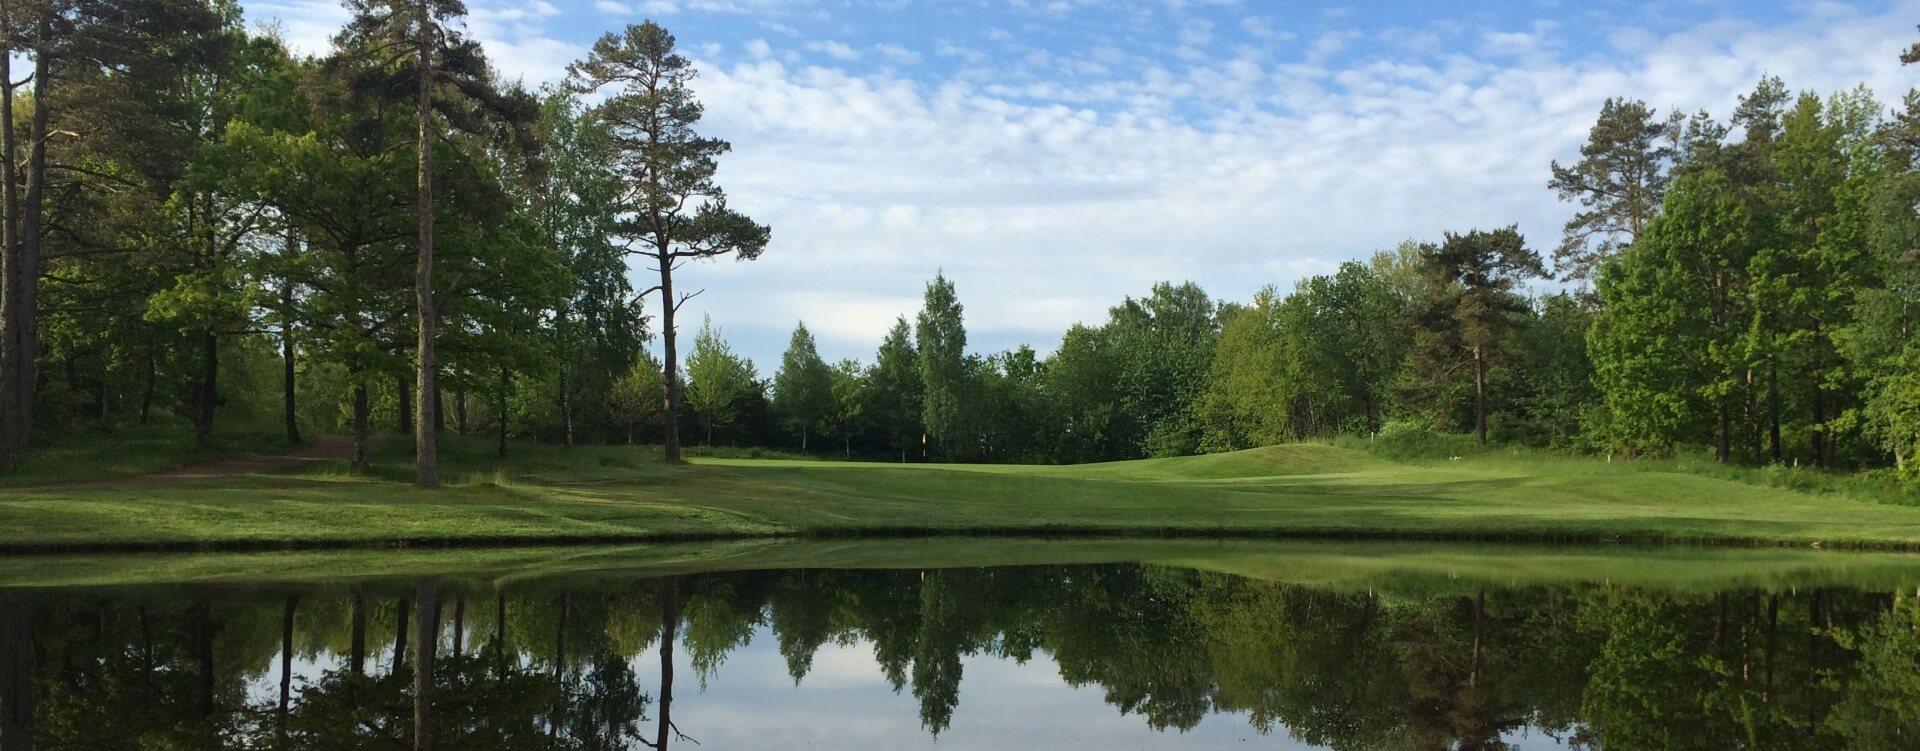 Golf i Västra Sverige - Golfklubbar Västra Sverige